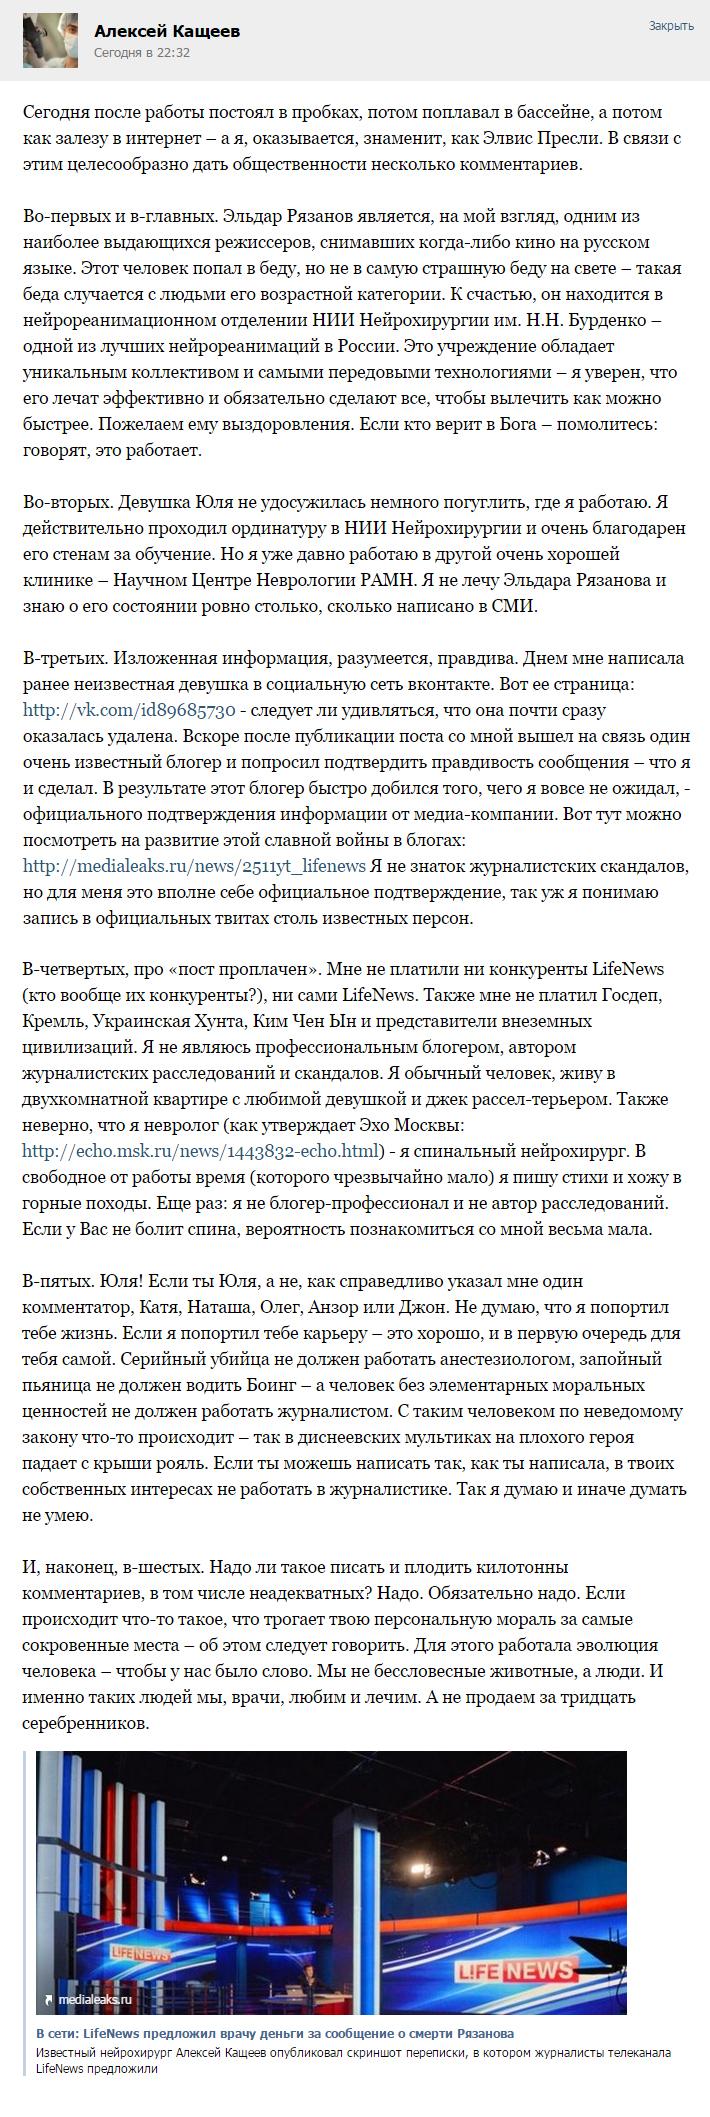 Лайфньюз, Эльдар Рязанов и обычный московский врач